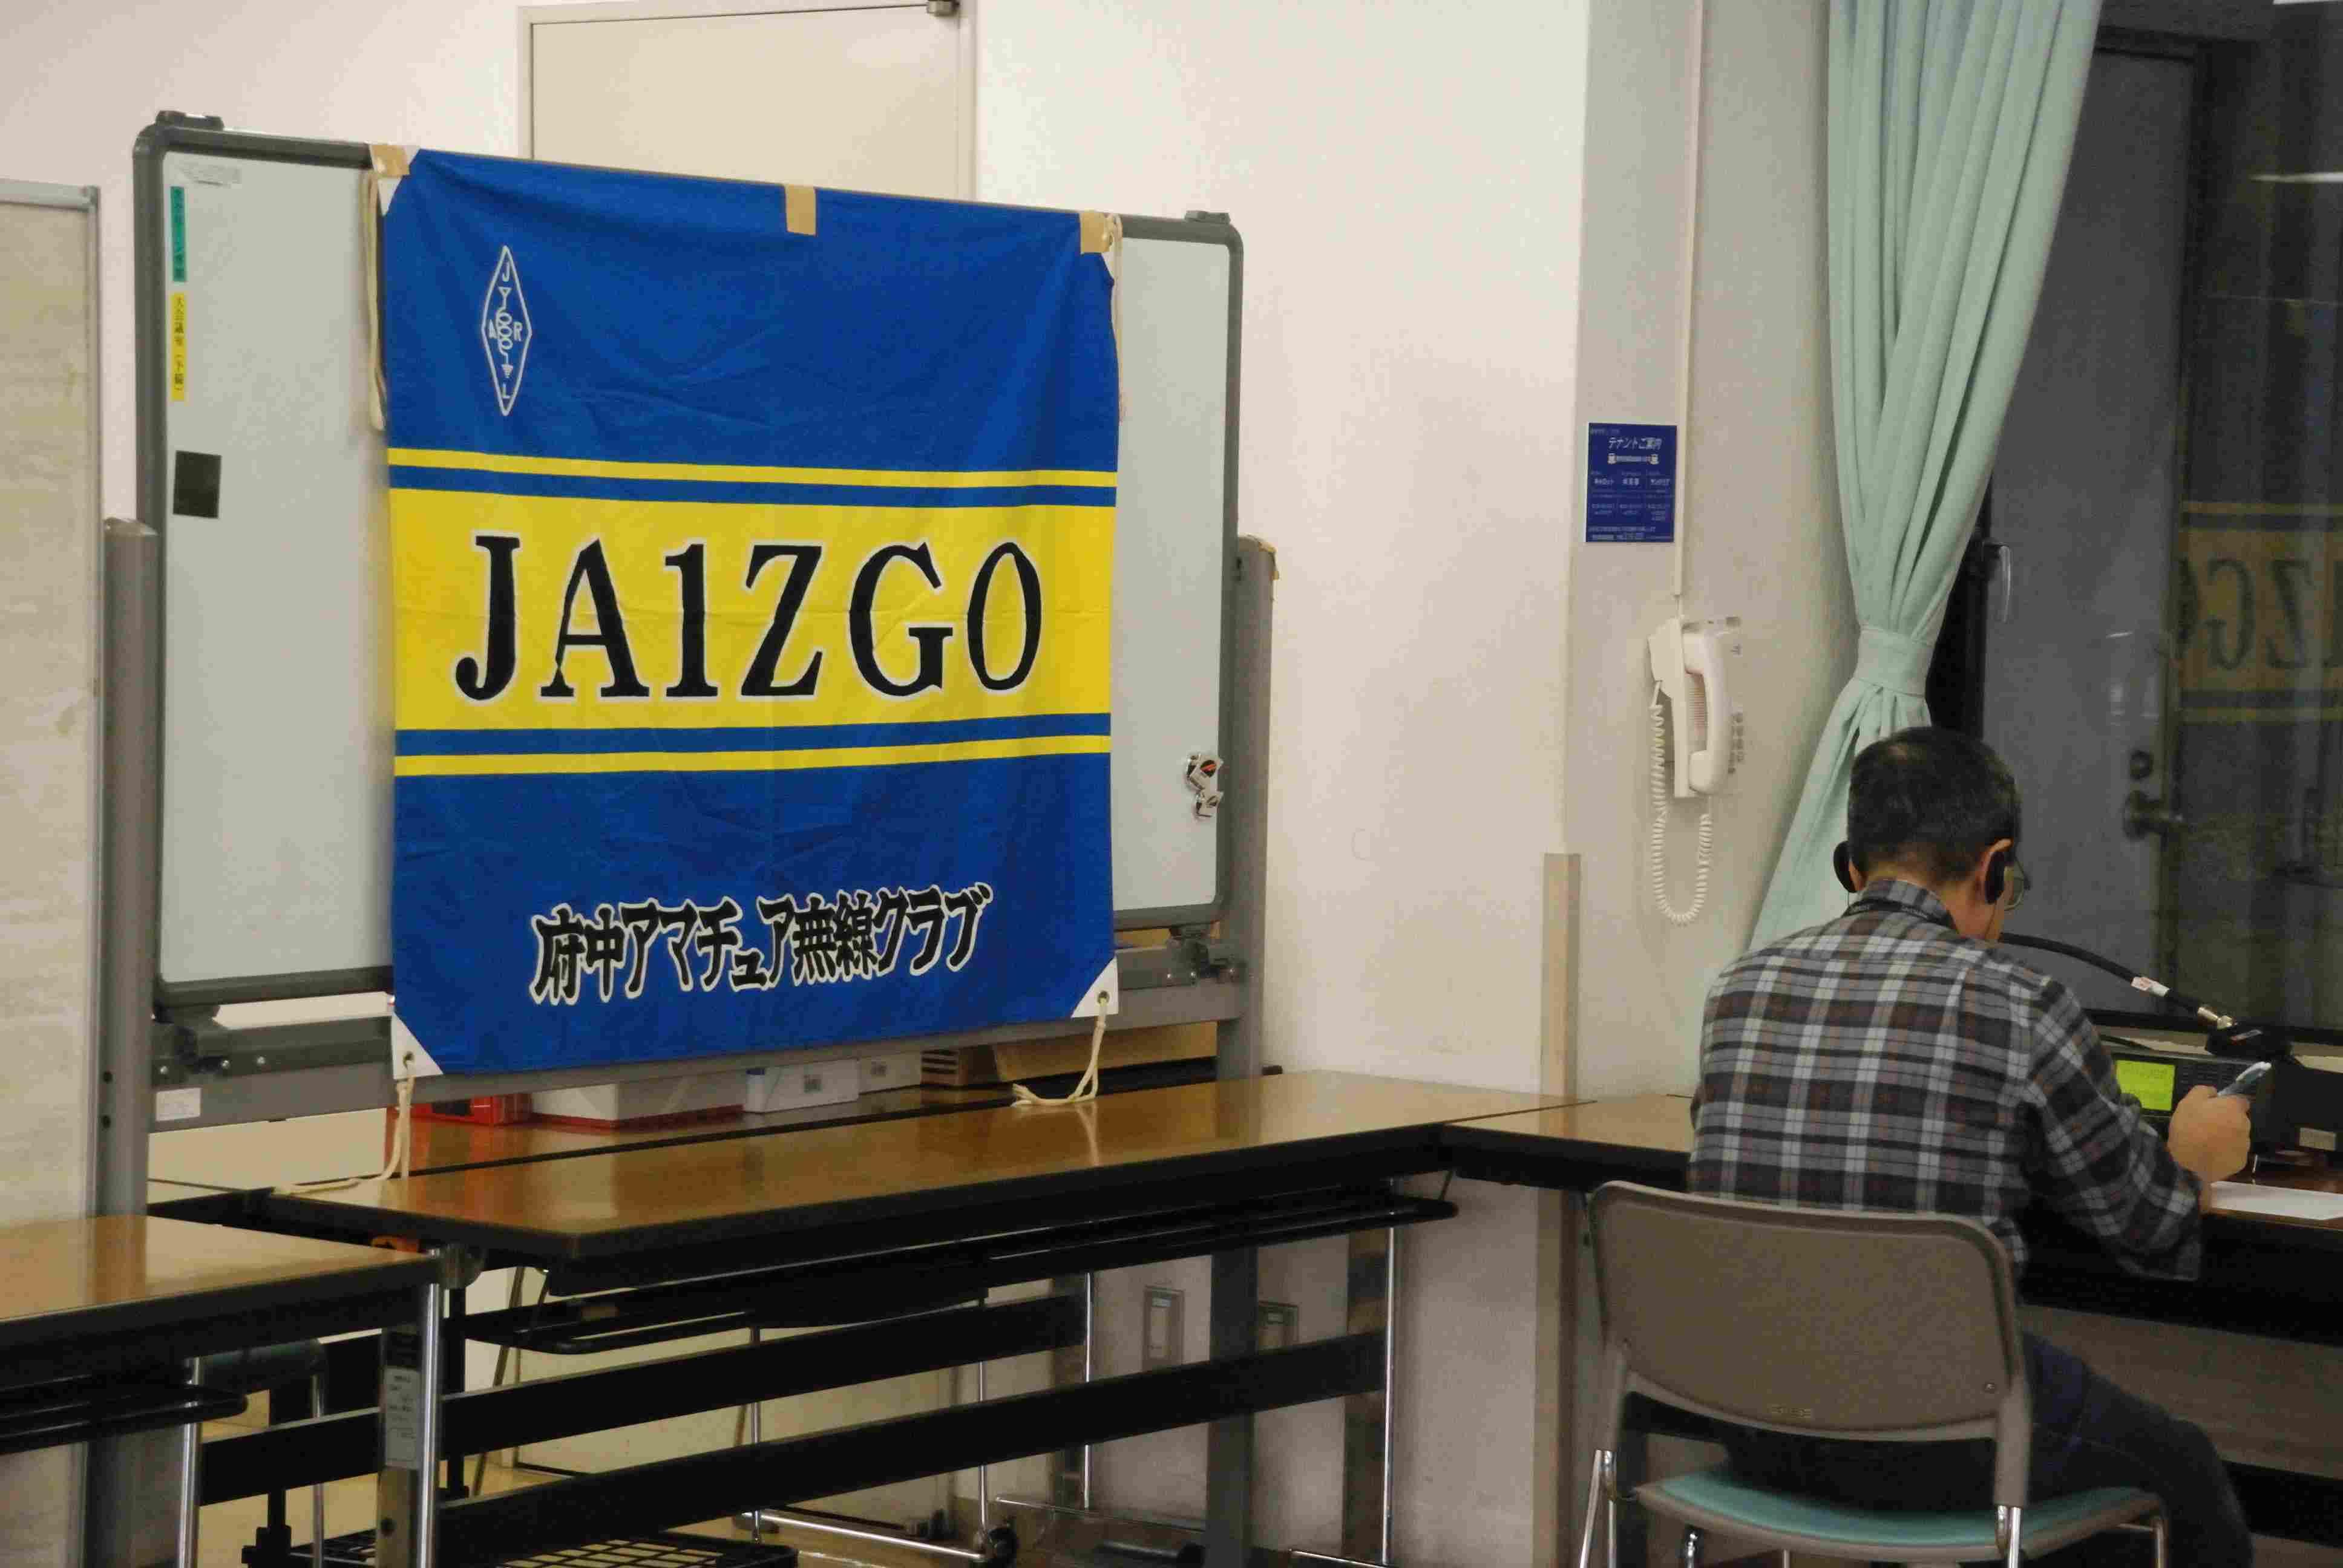 JA1ZGO-FLAG